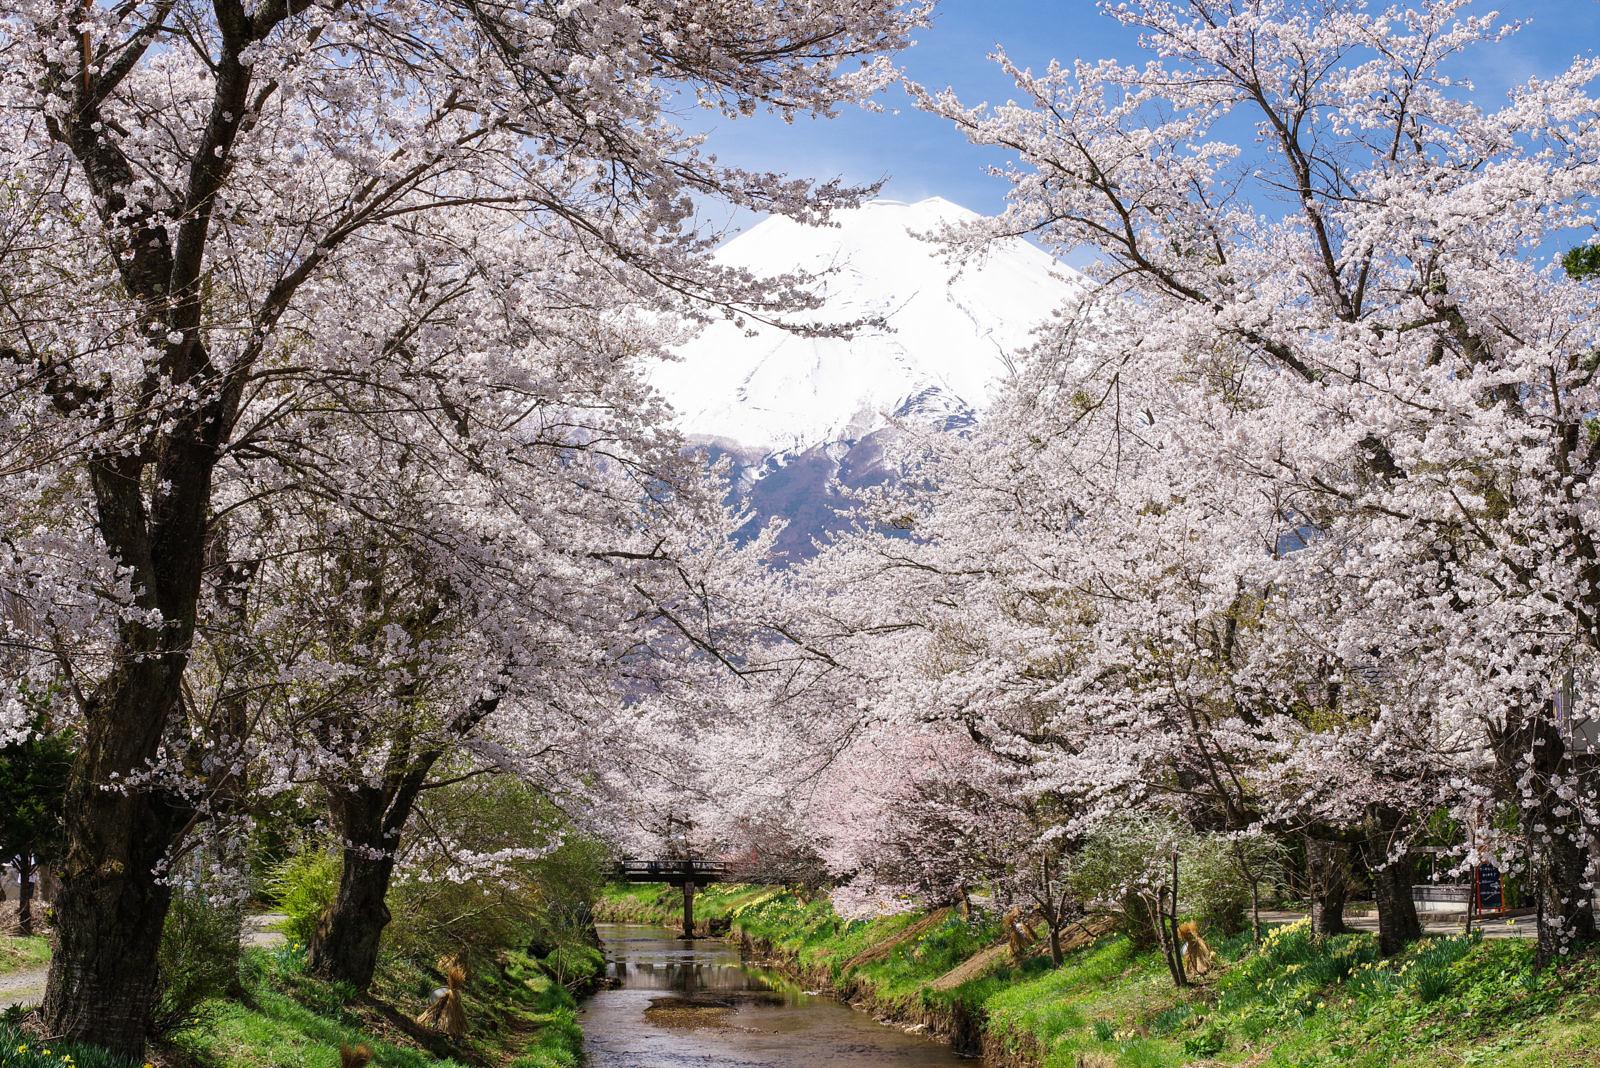 忍野村お宮橋より桜と富士山 | PENTAX K-1&D FA★70-200mm